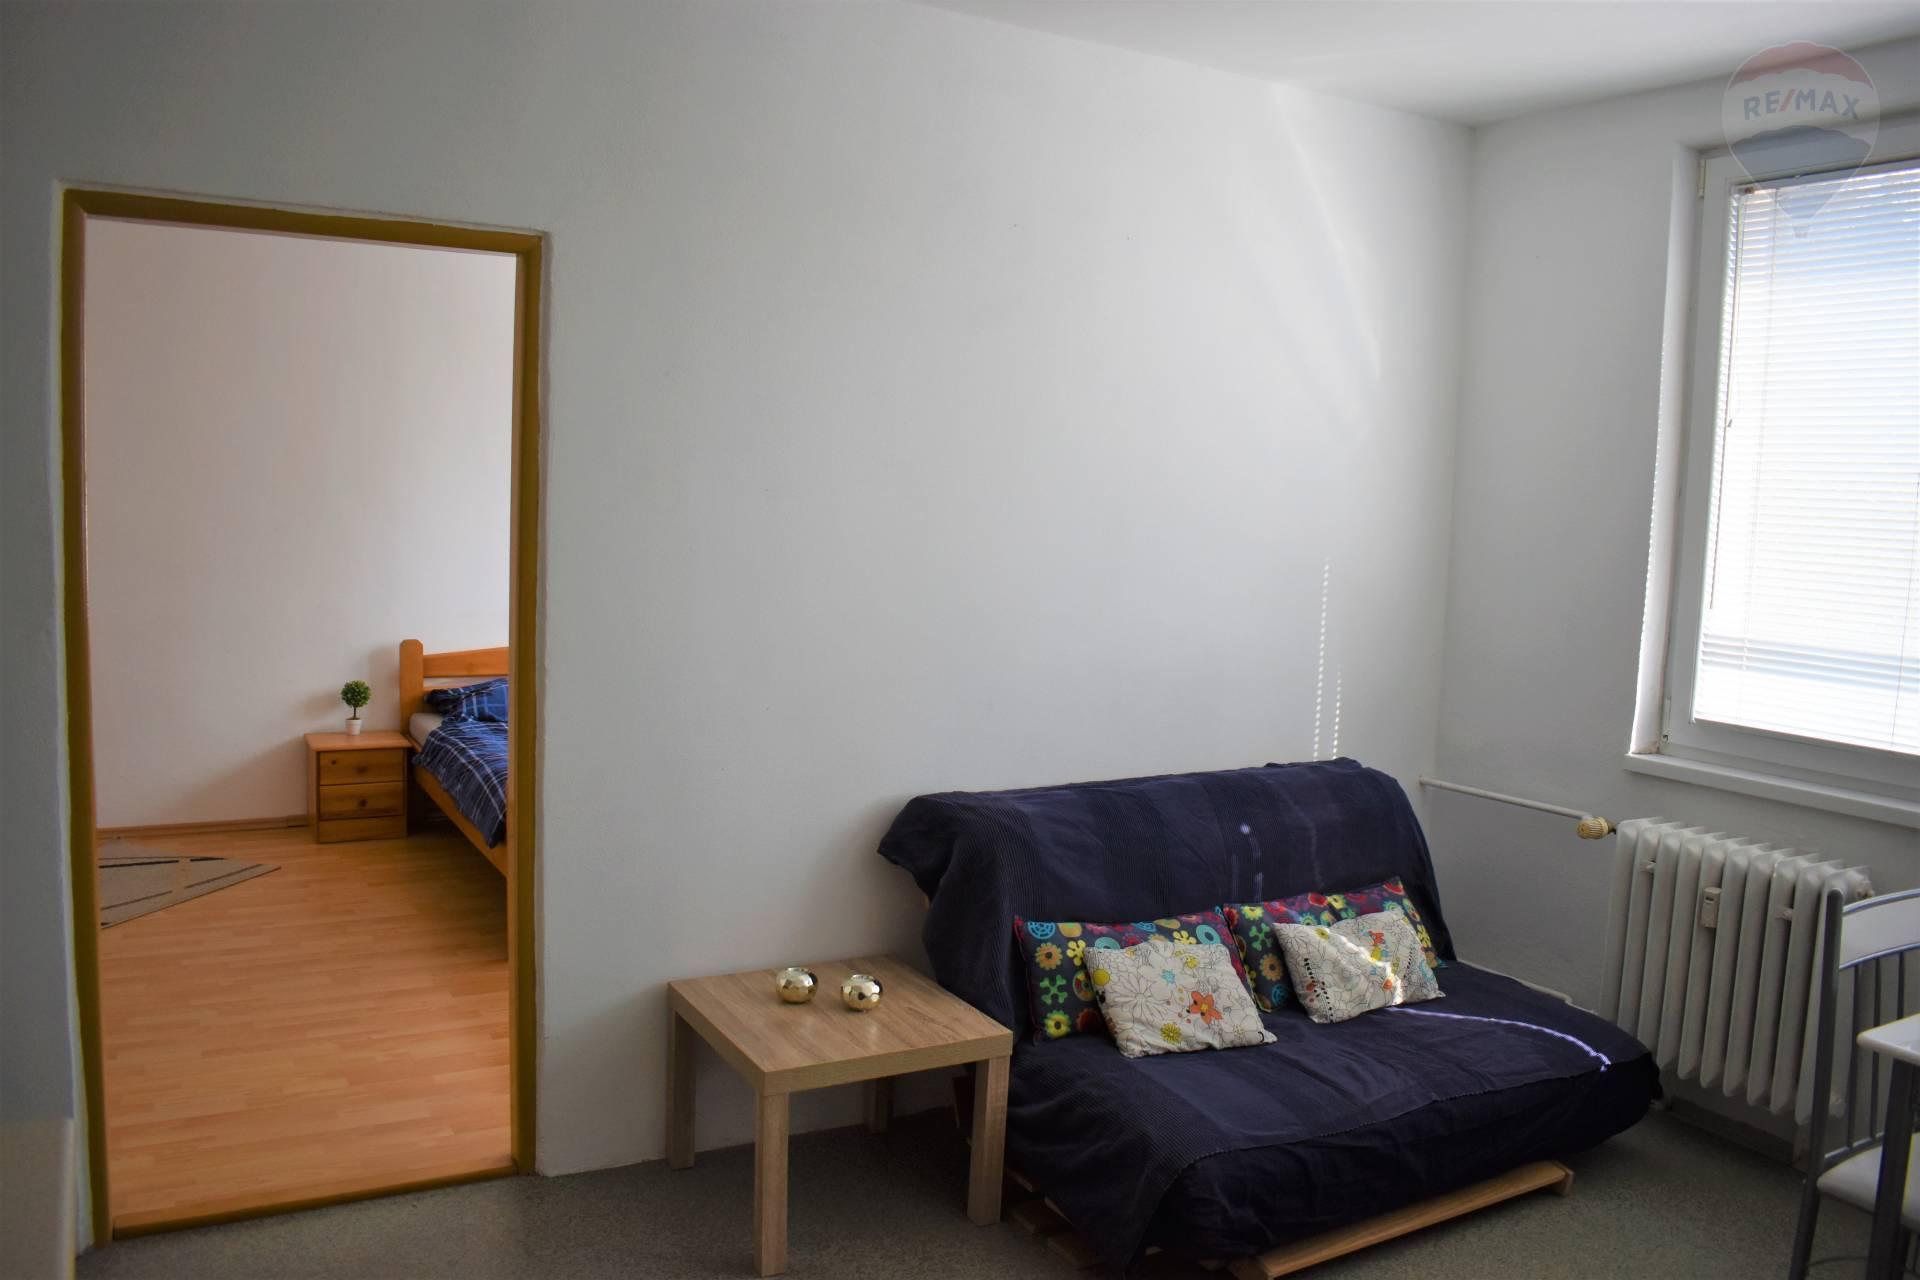 Prenájom bytu (1 izbový) 36 m2, Nitra - Pposedenie a prechod do spálne